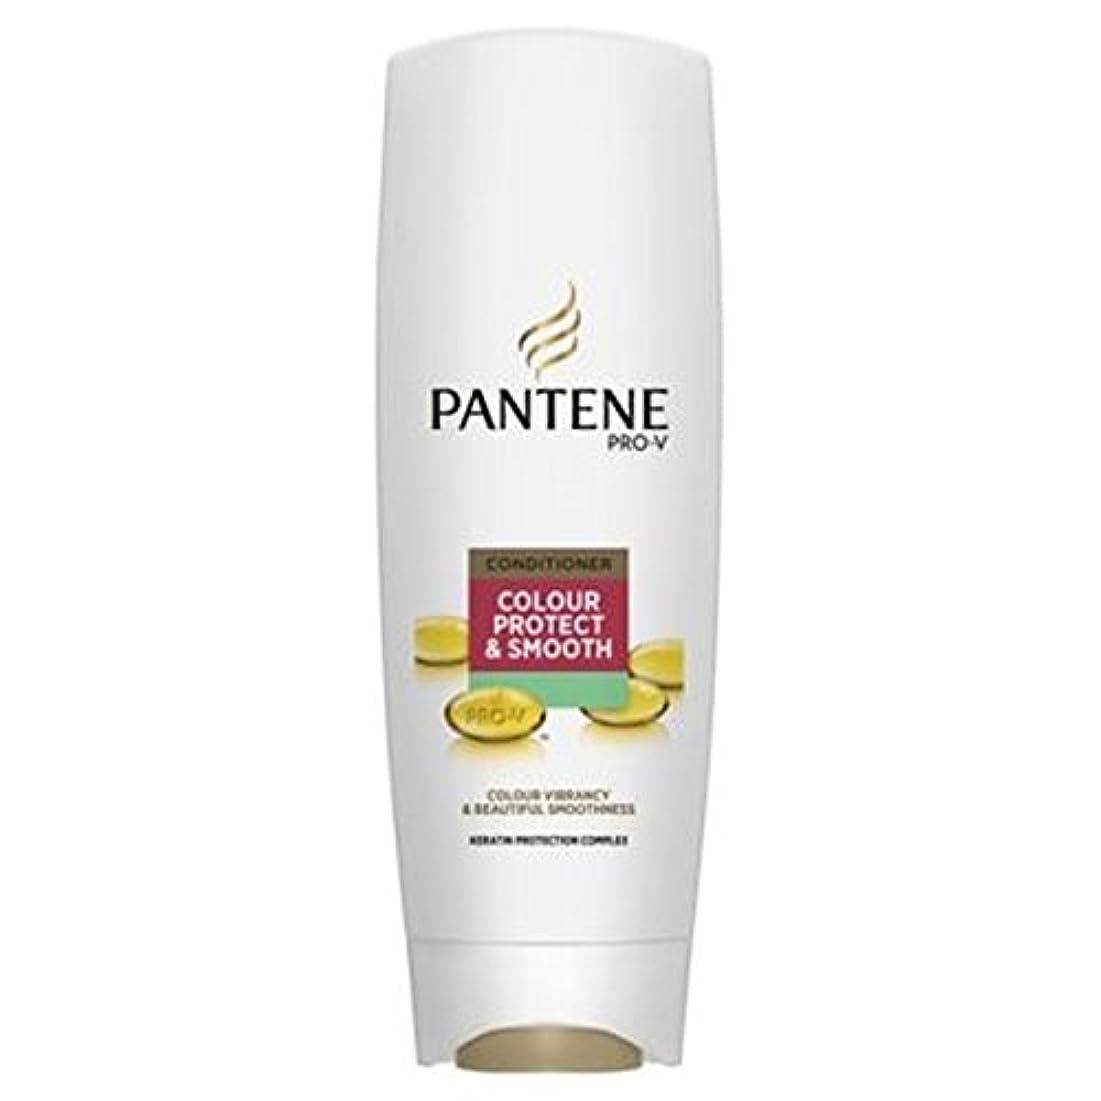 読書検出不幸パンテーンプロVの色保護&スムーズコンディショナー360ミリリットル (Pantene) (x2) - Pantene Pro-V Colour Protect & Smooth Conditioner 360ml (Pack...